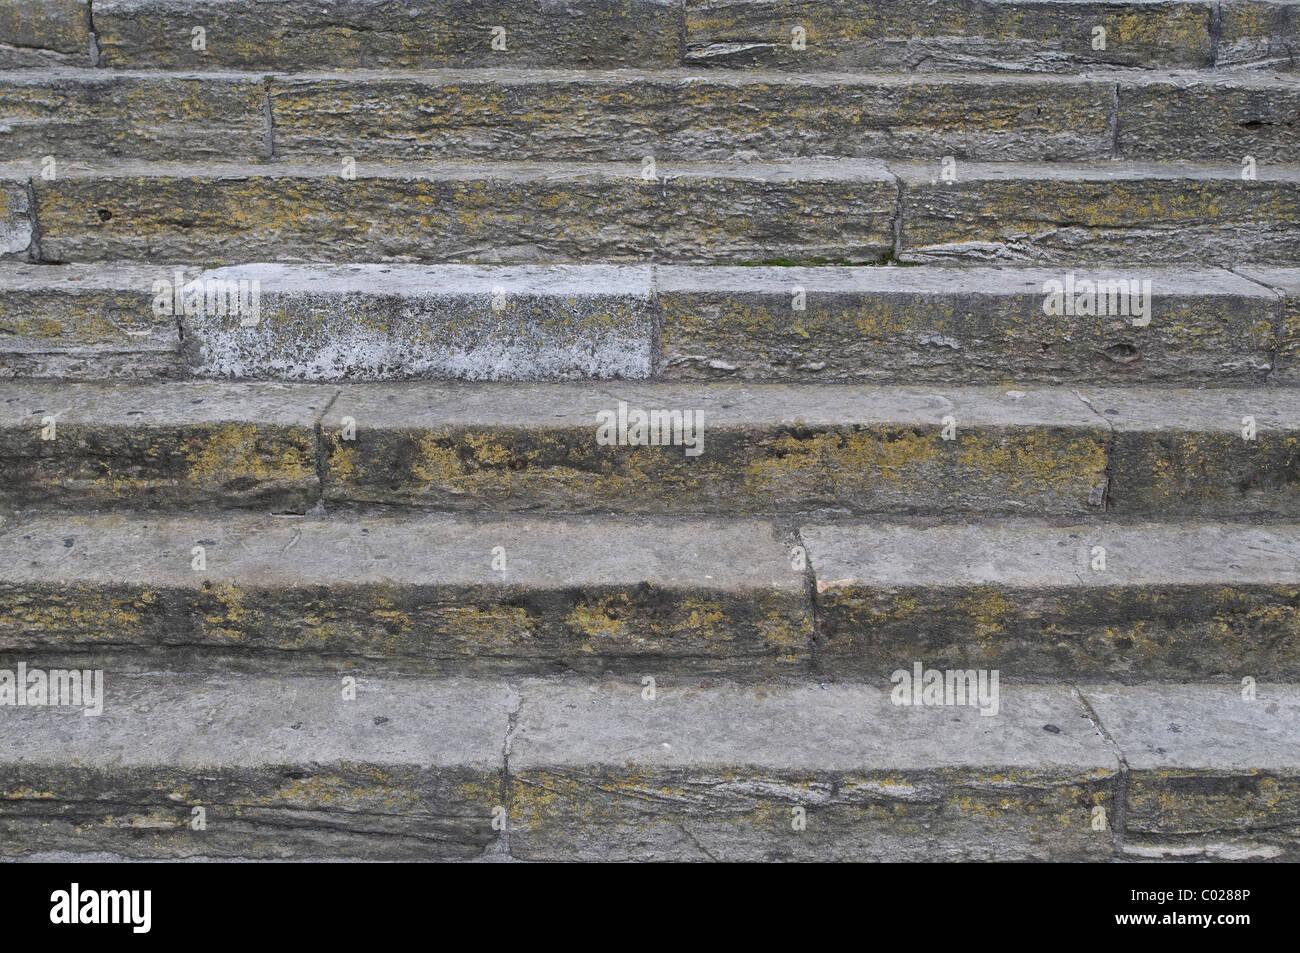 Stone steps, background - Stock Image